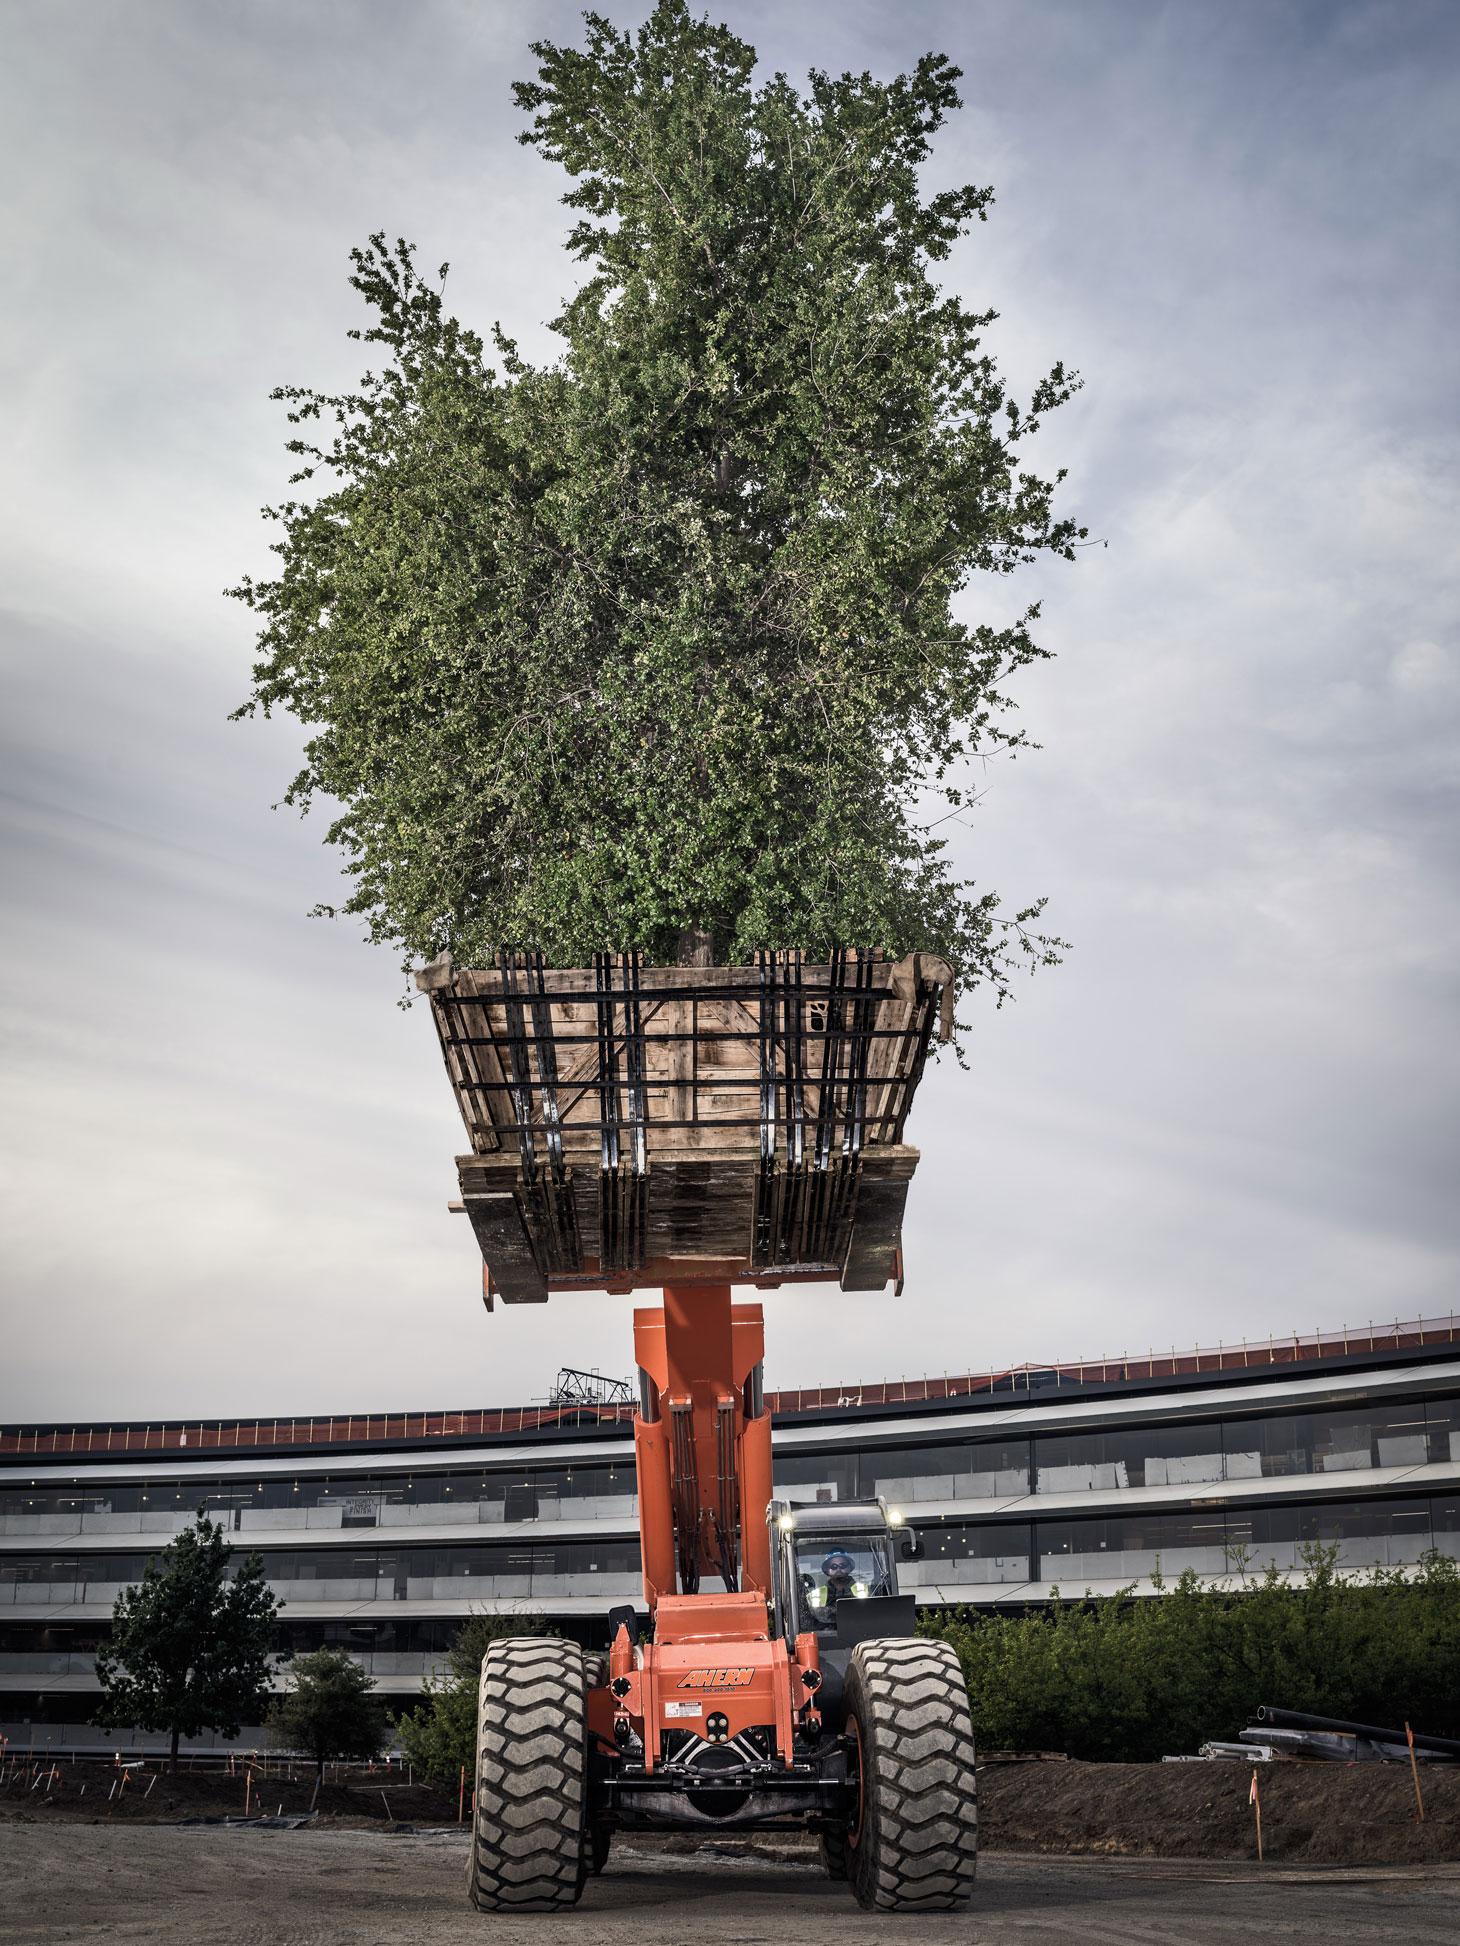 Uma das muitas árvores que estão sendo plantadas no Apple Park